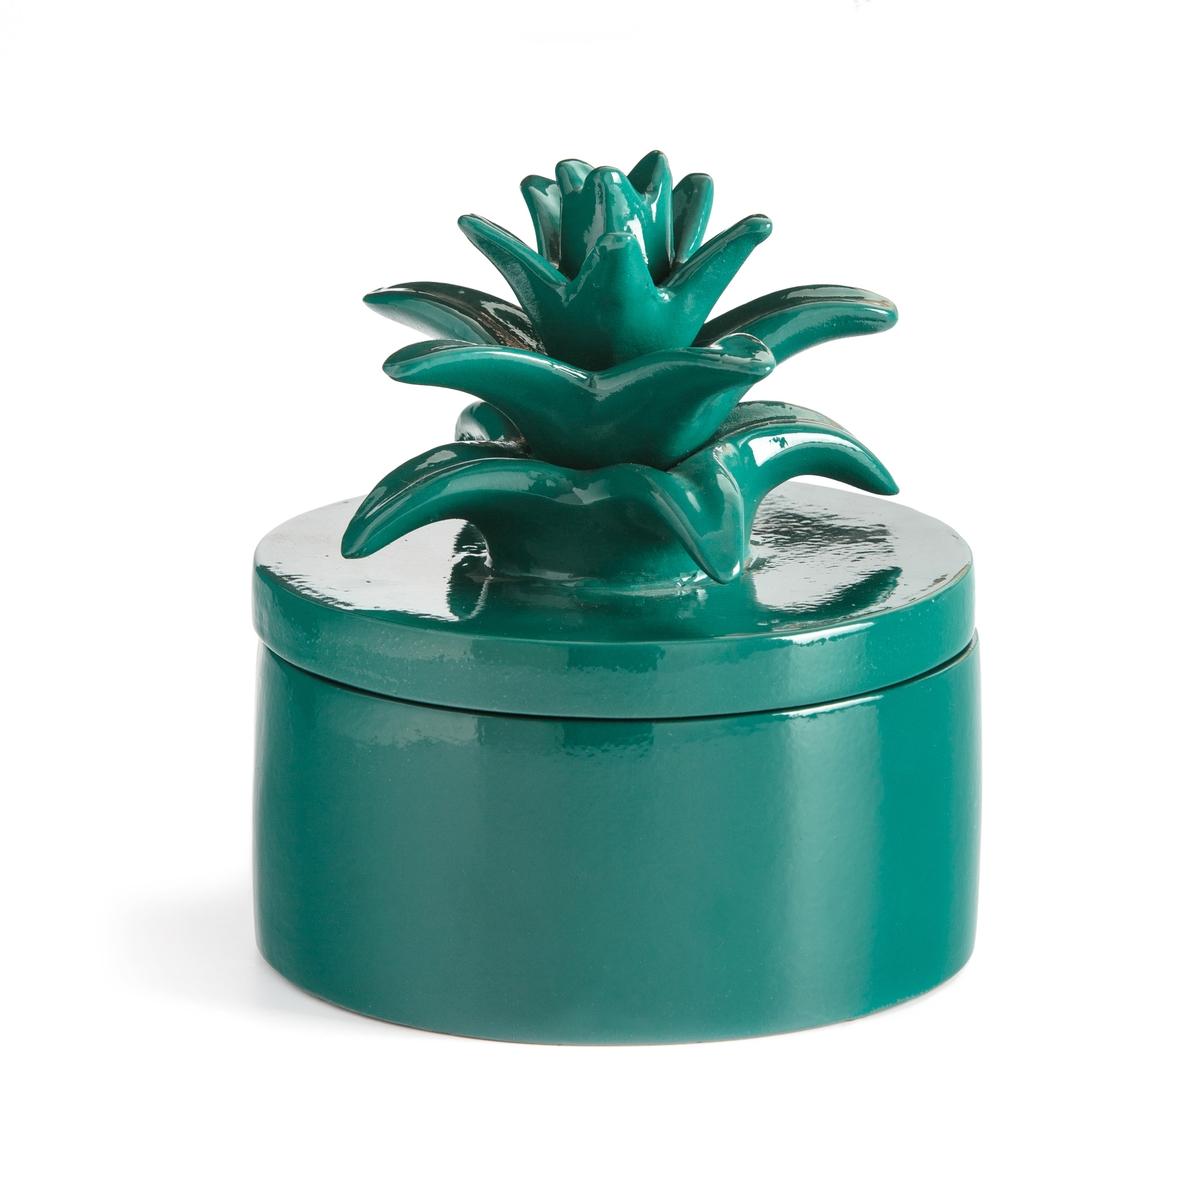 Банка La Redoute С крышкой в форме ананаса из керамики LOUPIA единый размер зеленый доска la redoute разделочная в форме ананаса единый размер каштановый